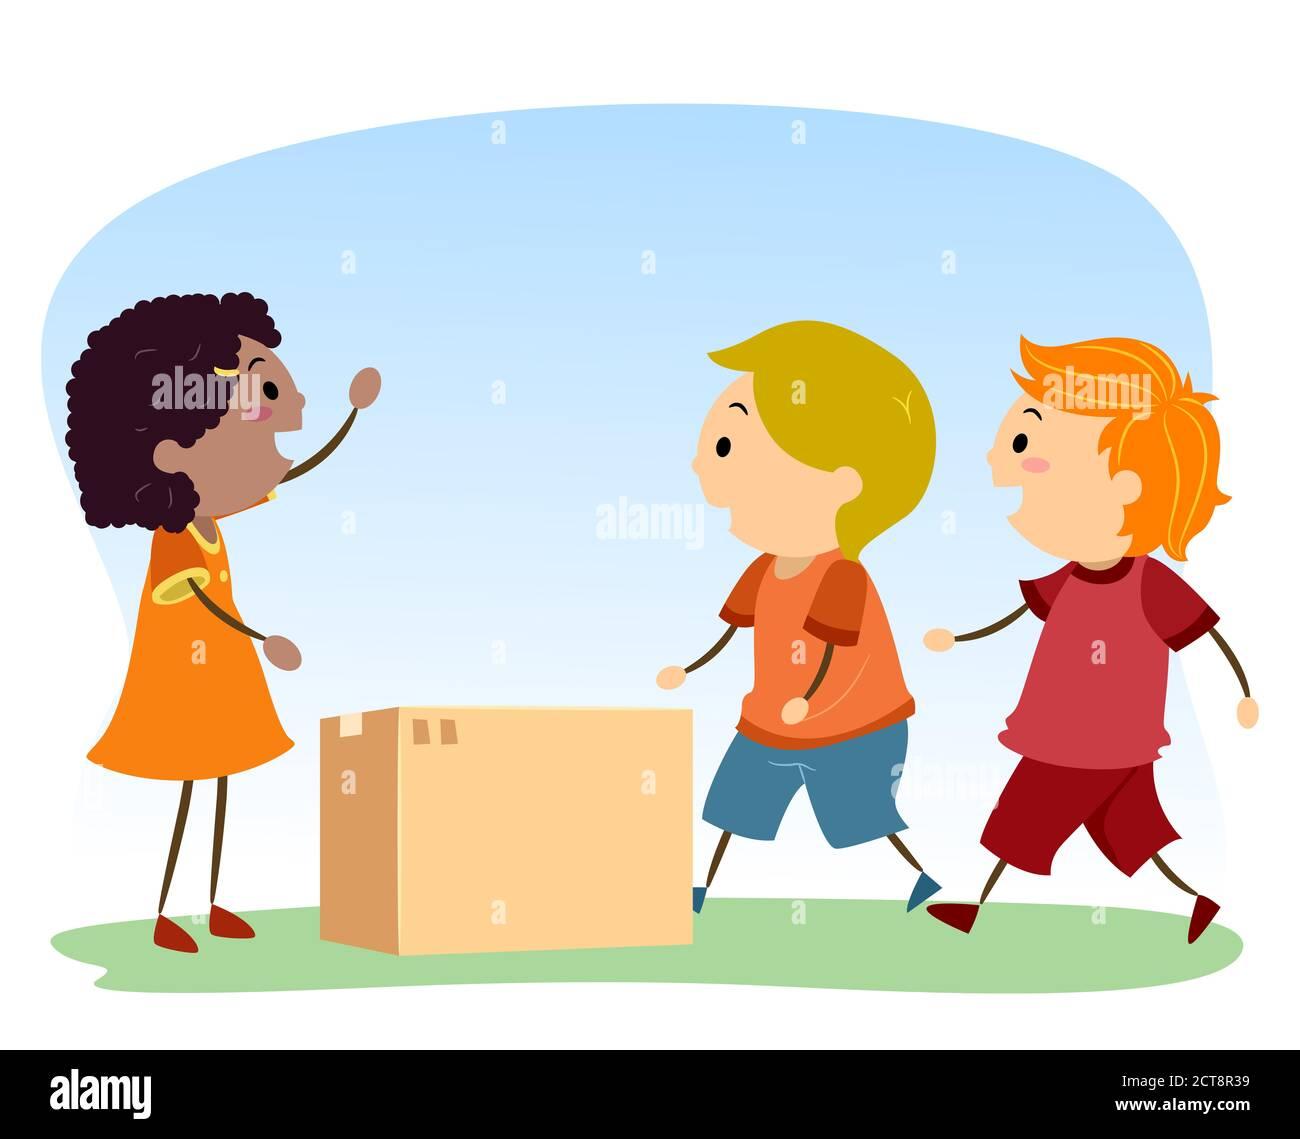 Clipart Isolated Cutout Cartoon Stockfotos Und Bilder Kaufen Seite 7 Alamy